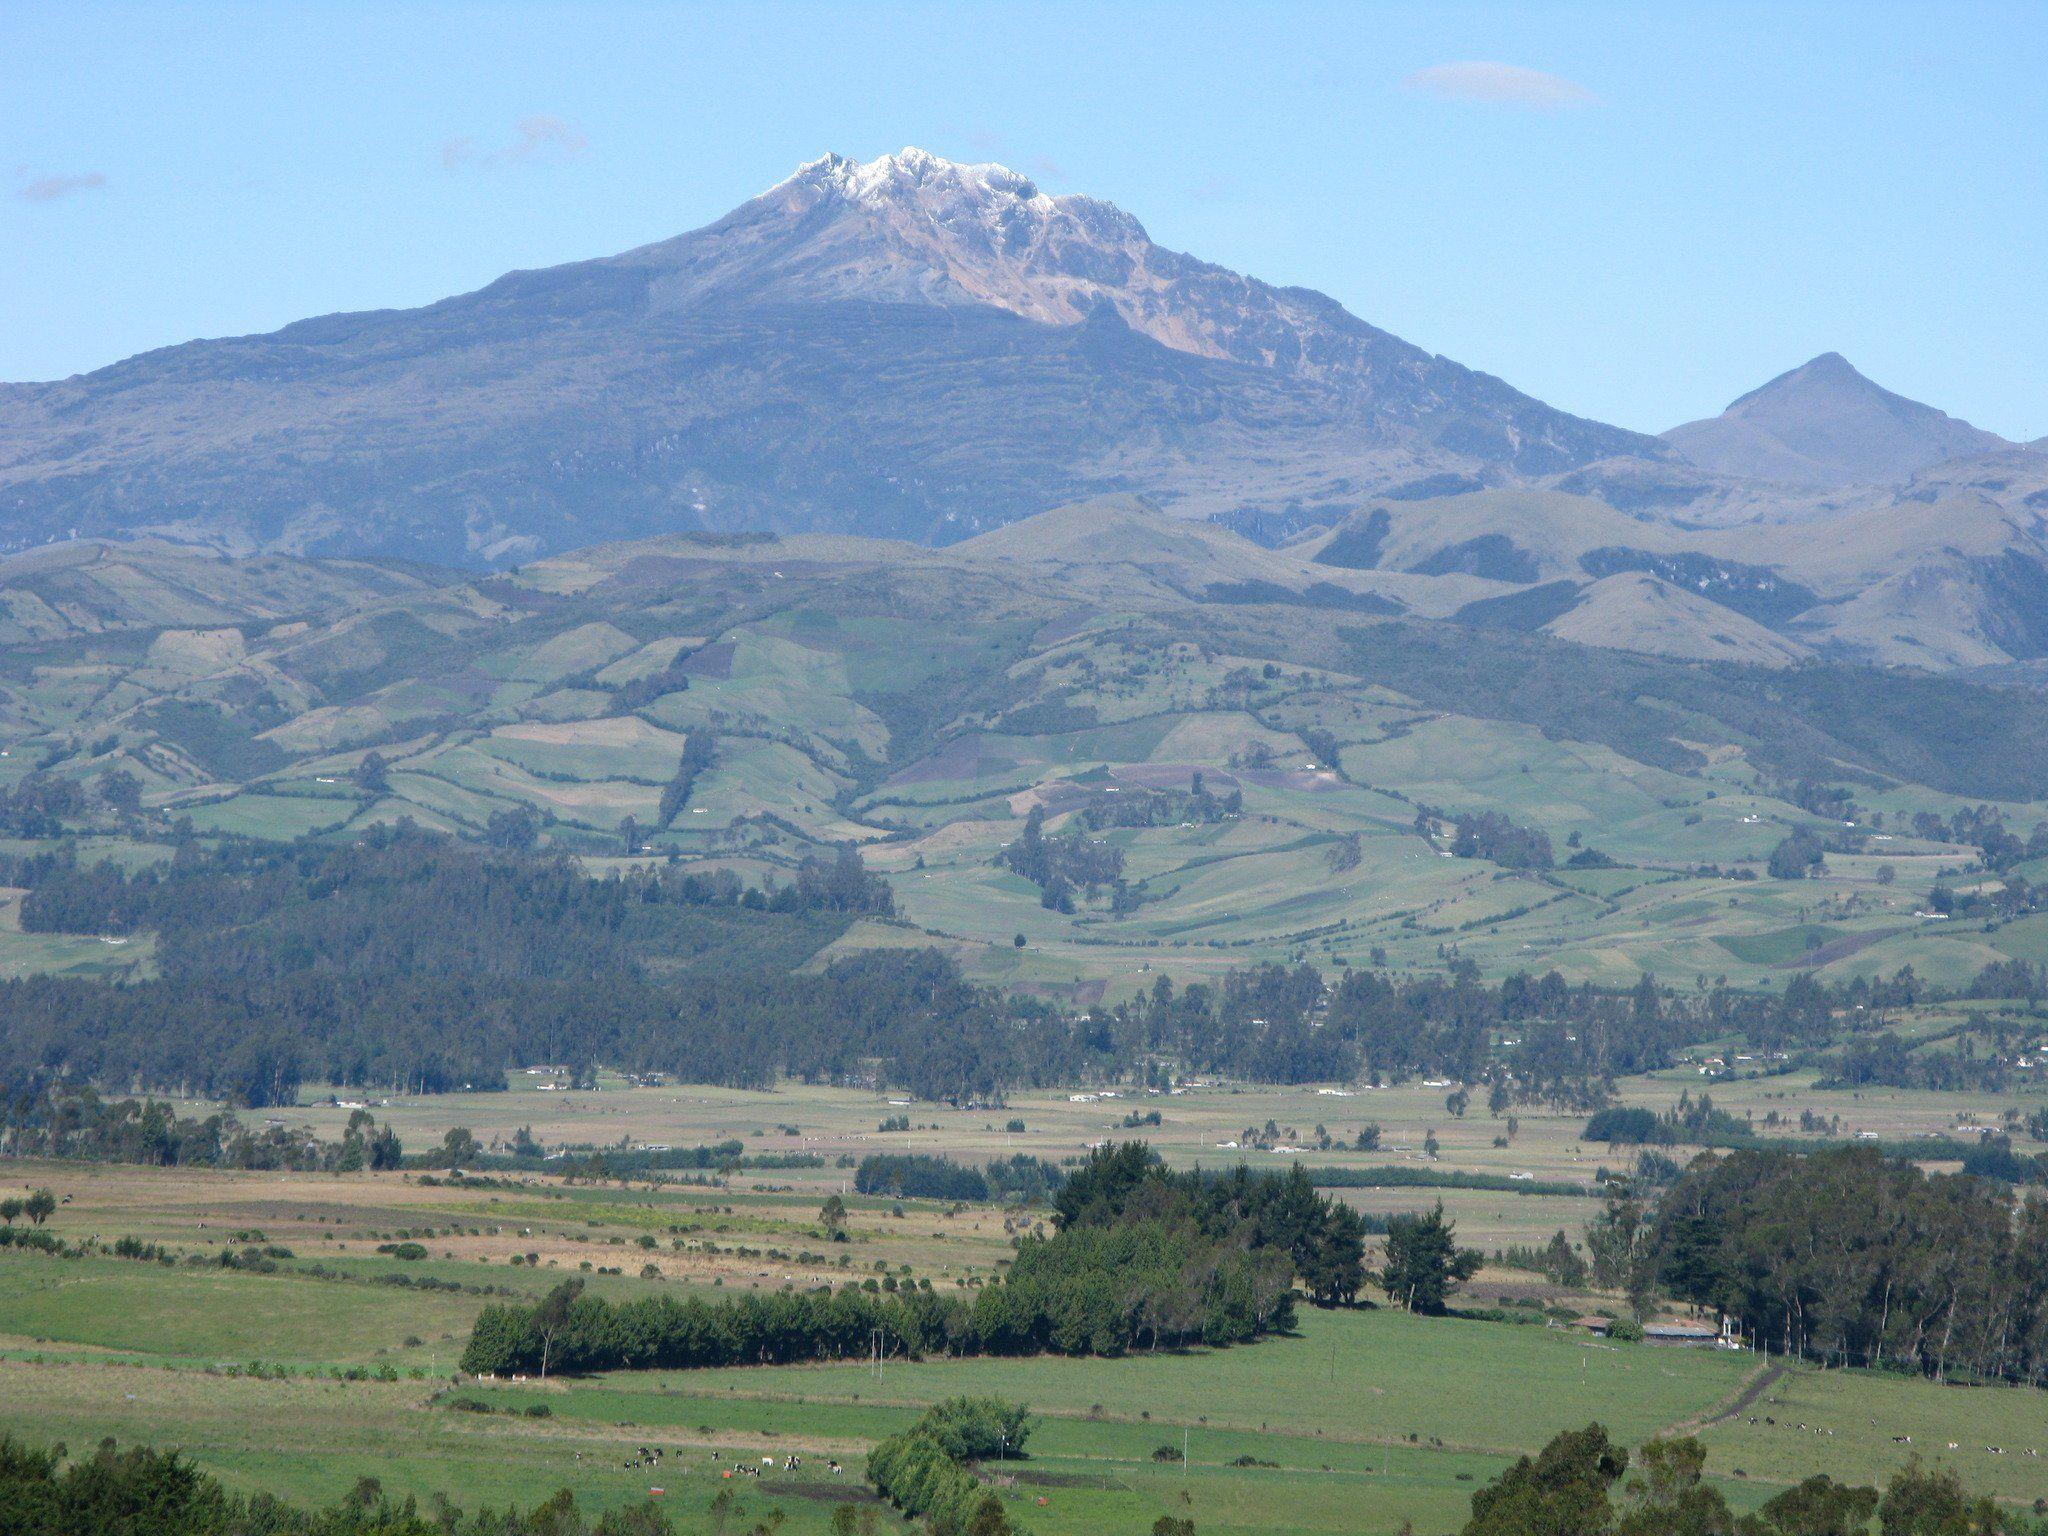 Turismo de aventura en Colombia - Volcan de Chiles